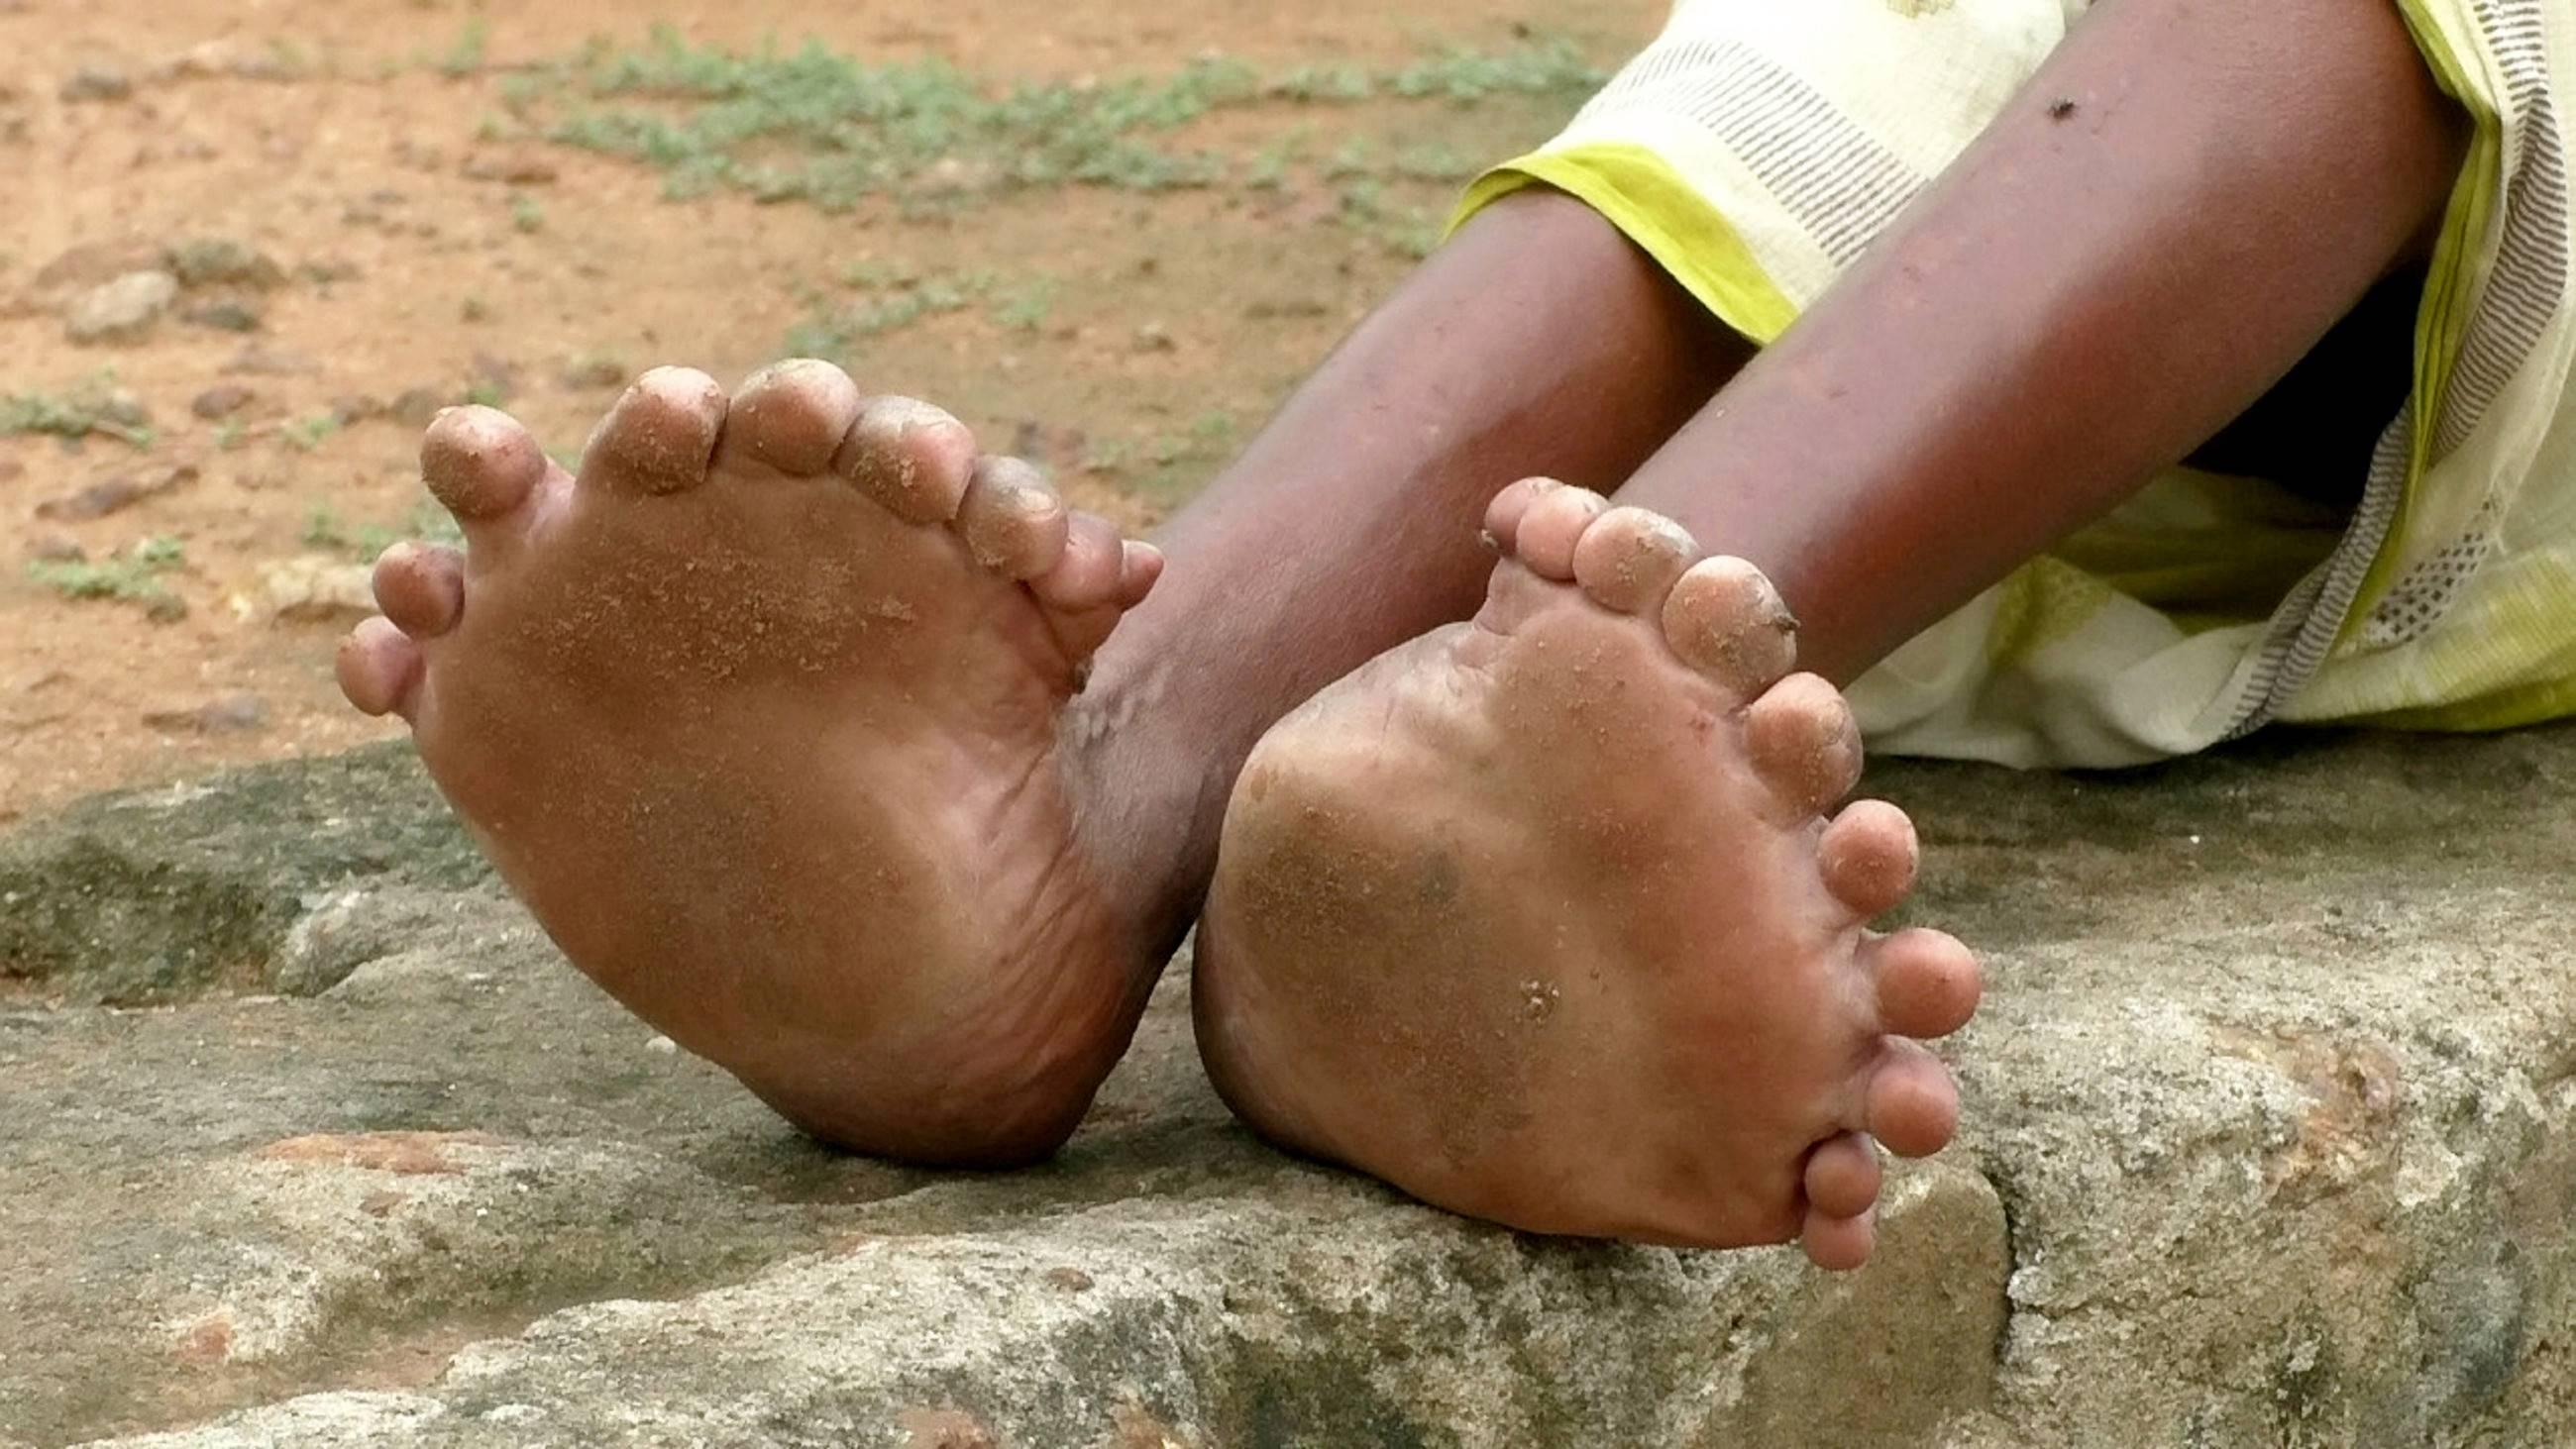 Лимфостаз нижних конечностей – причины, лечение медикаментами и народными средствами